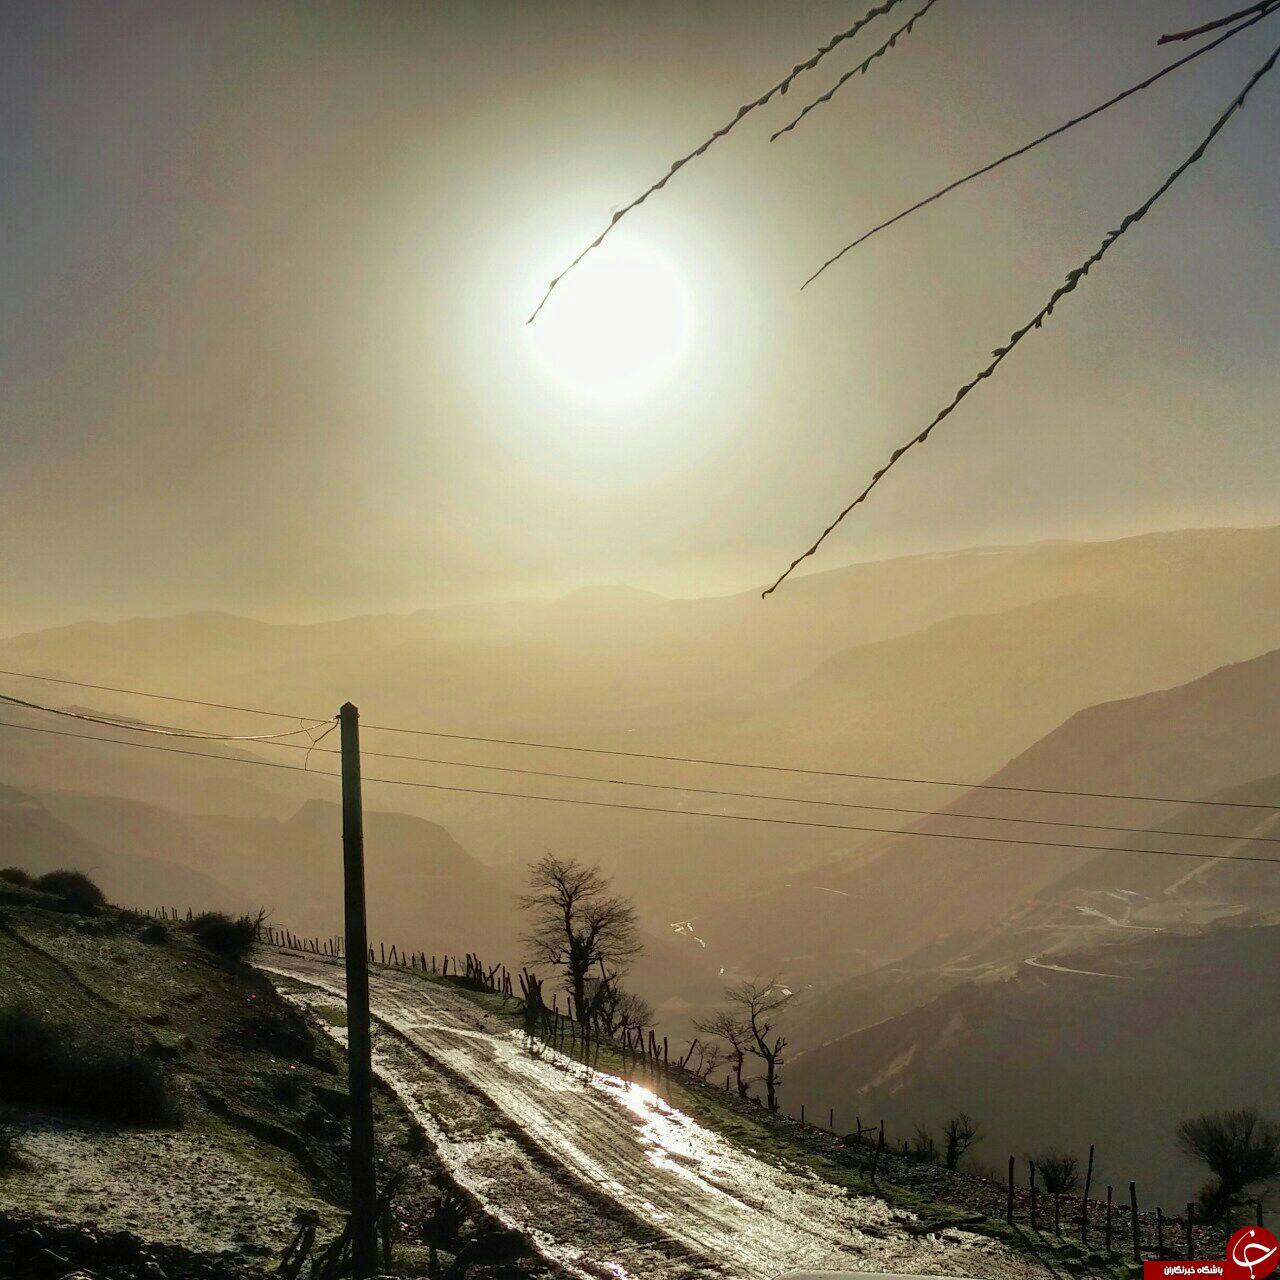 منظره ای زیبا از رودبار + تصاویر